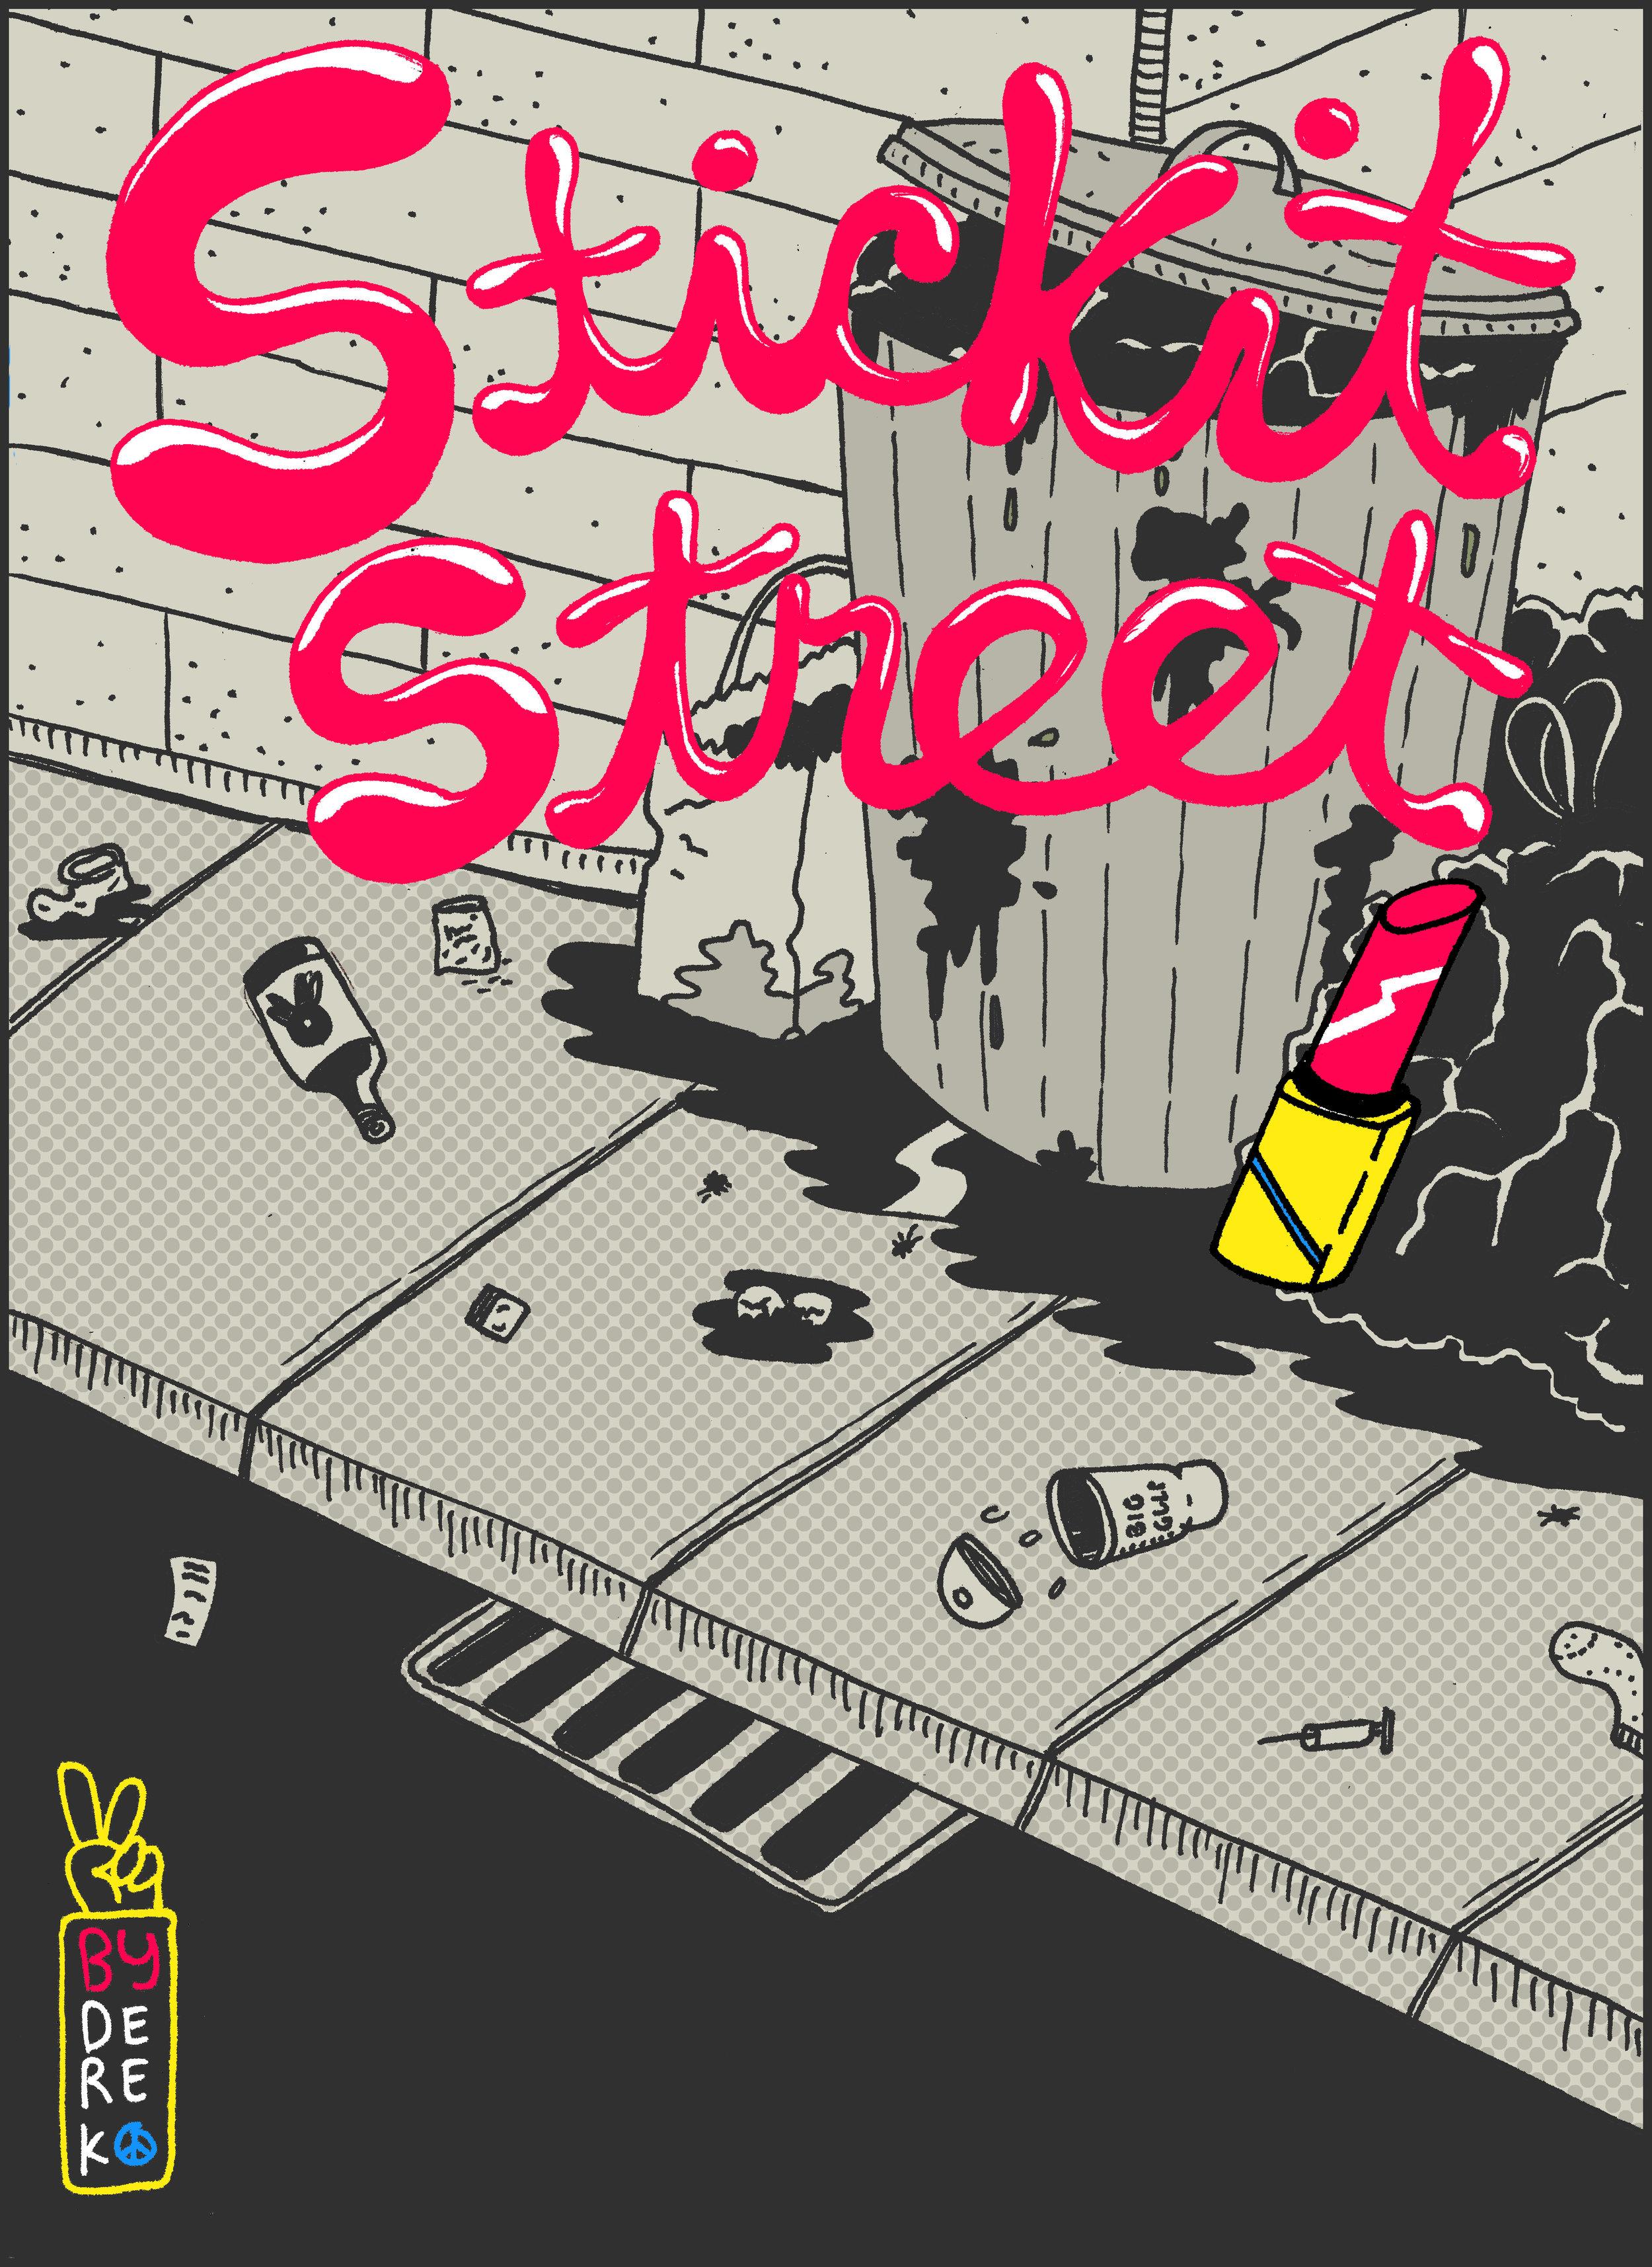 FINALstickitstreet00.jpg